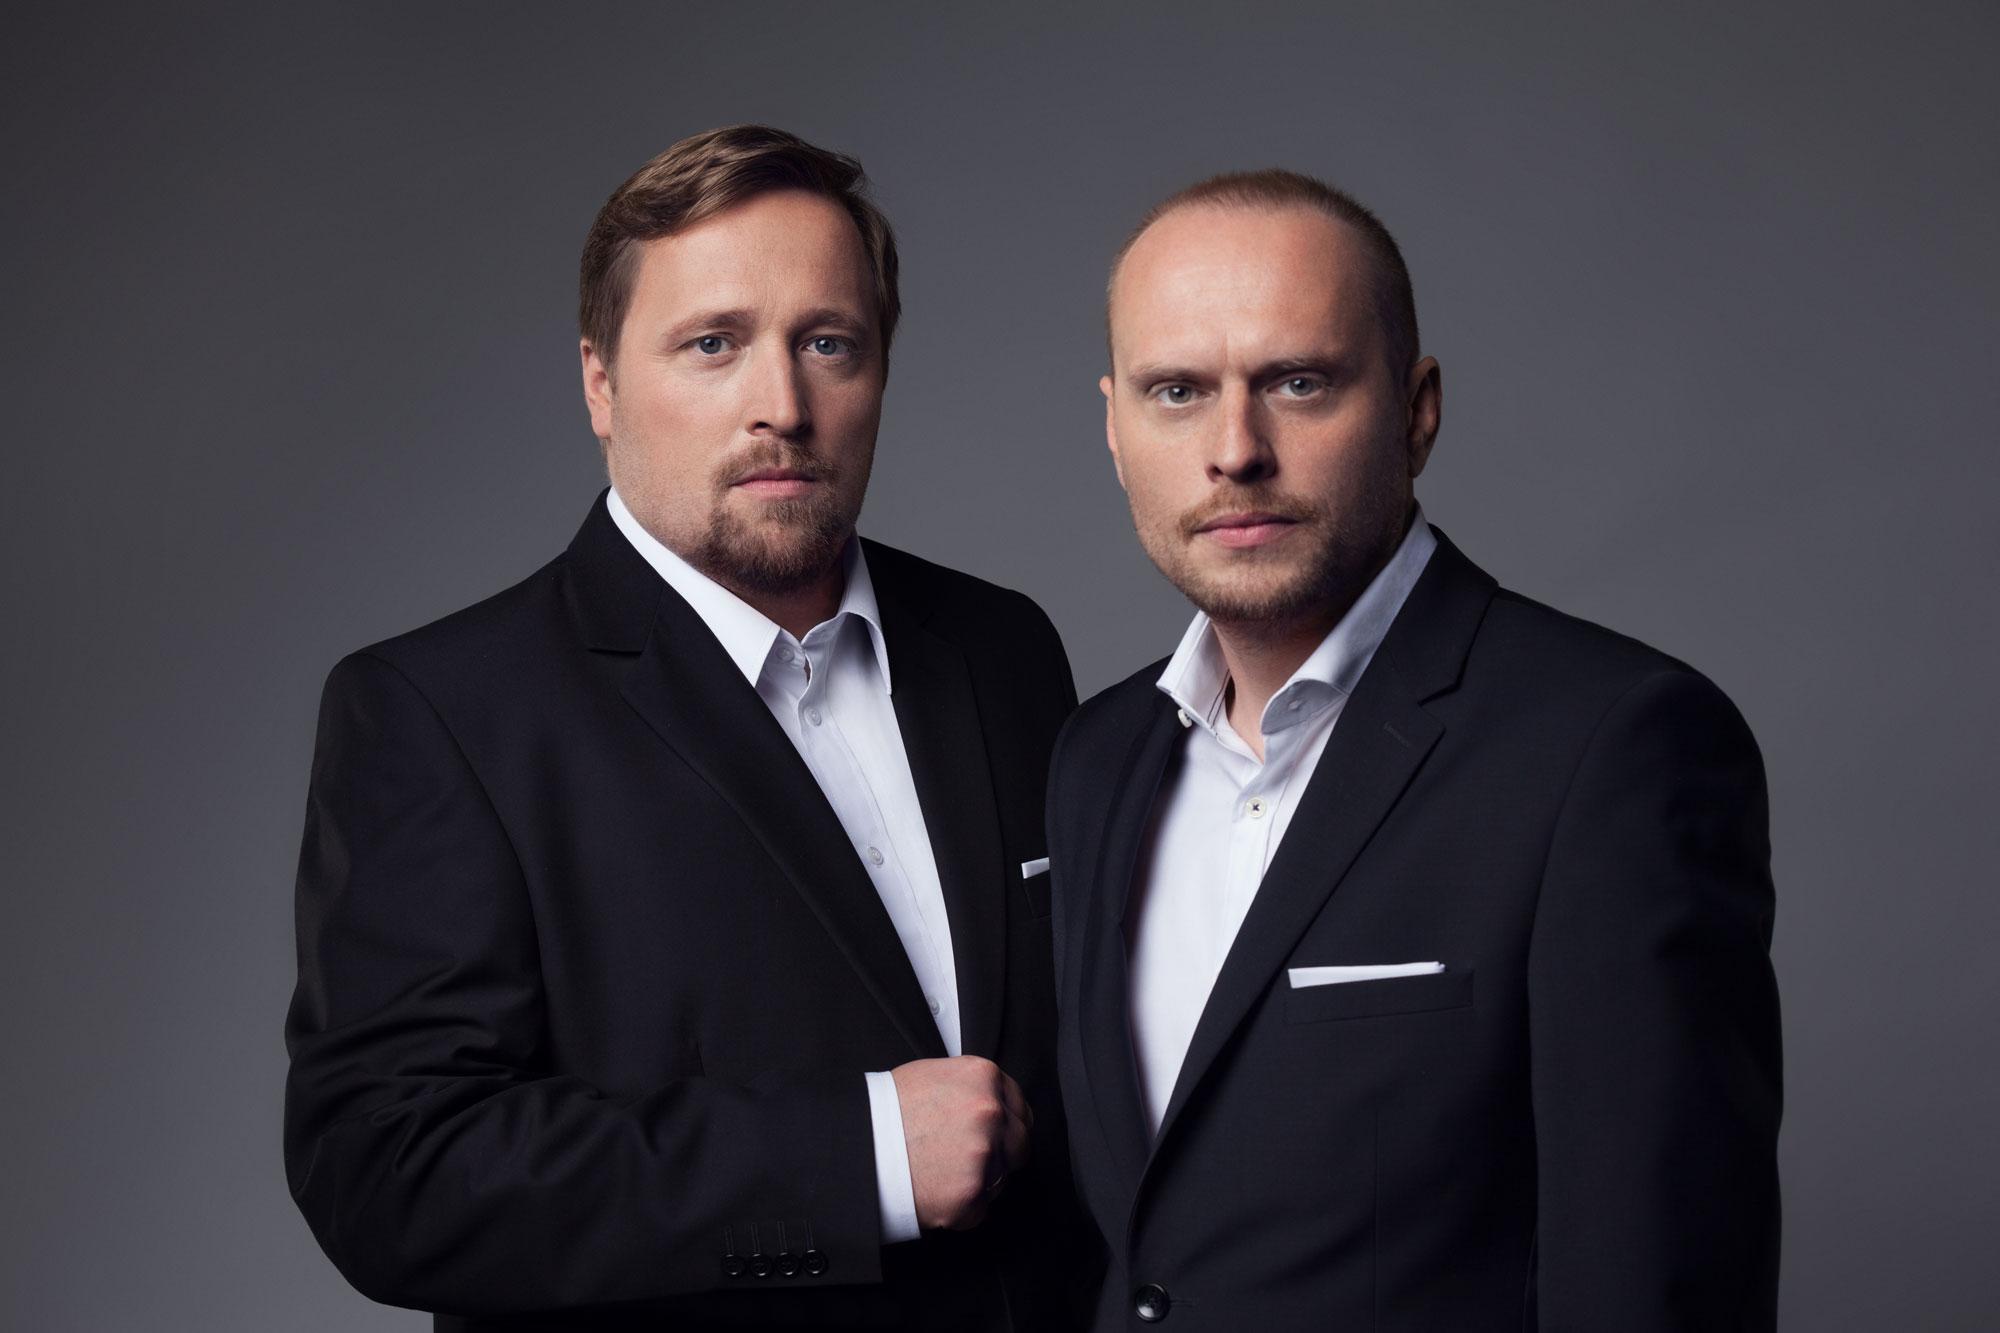 Grzegorz Zbroszczyk and Marek Zbroszczyk - Founders of Brahman's Home